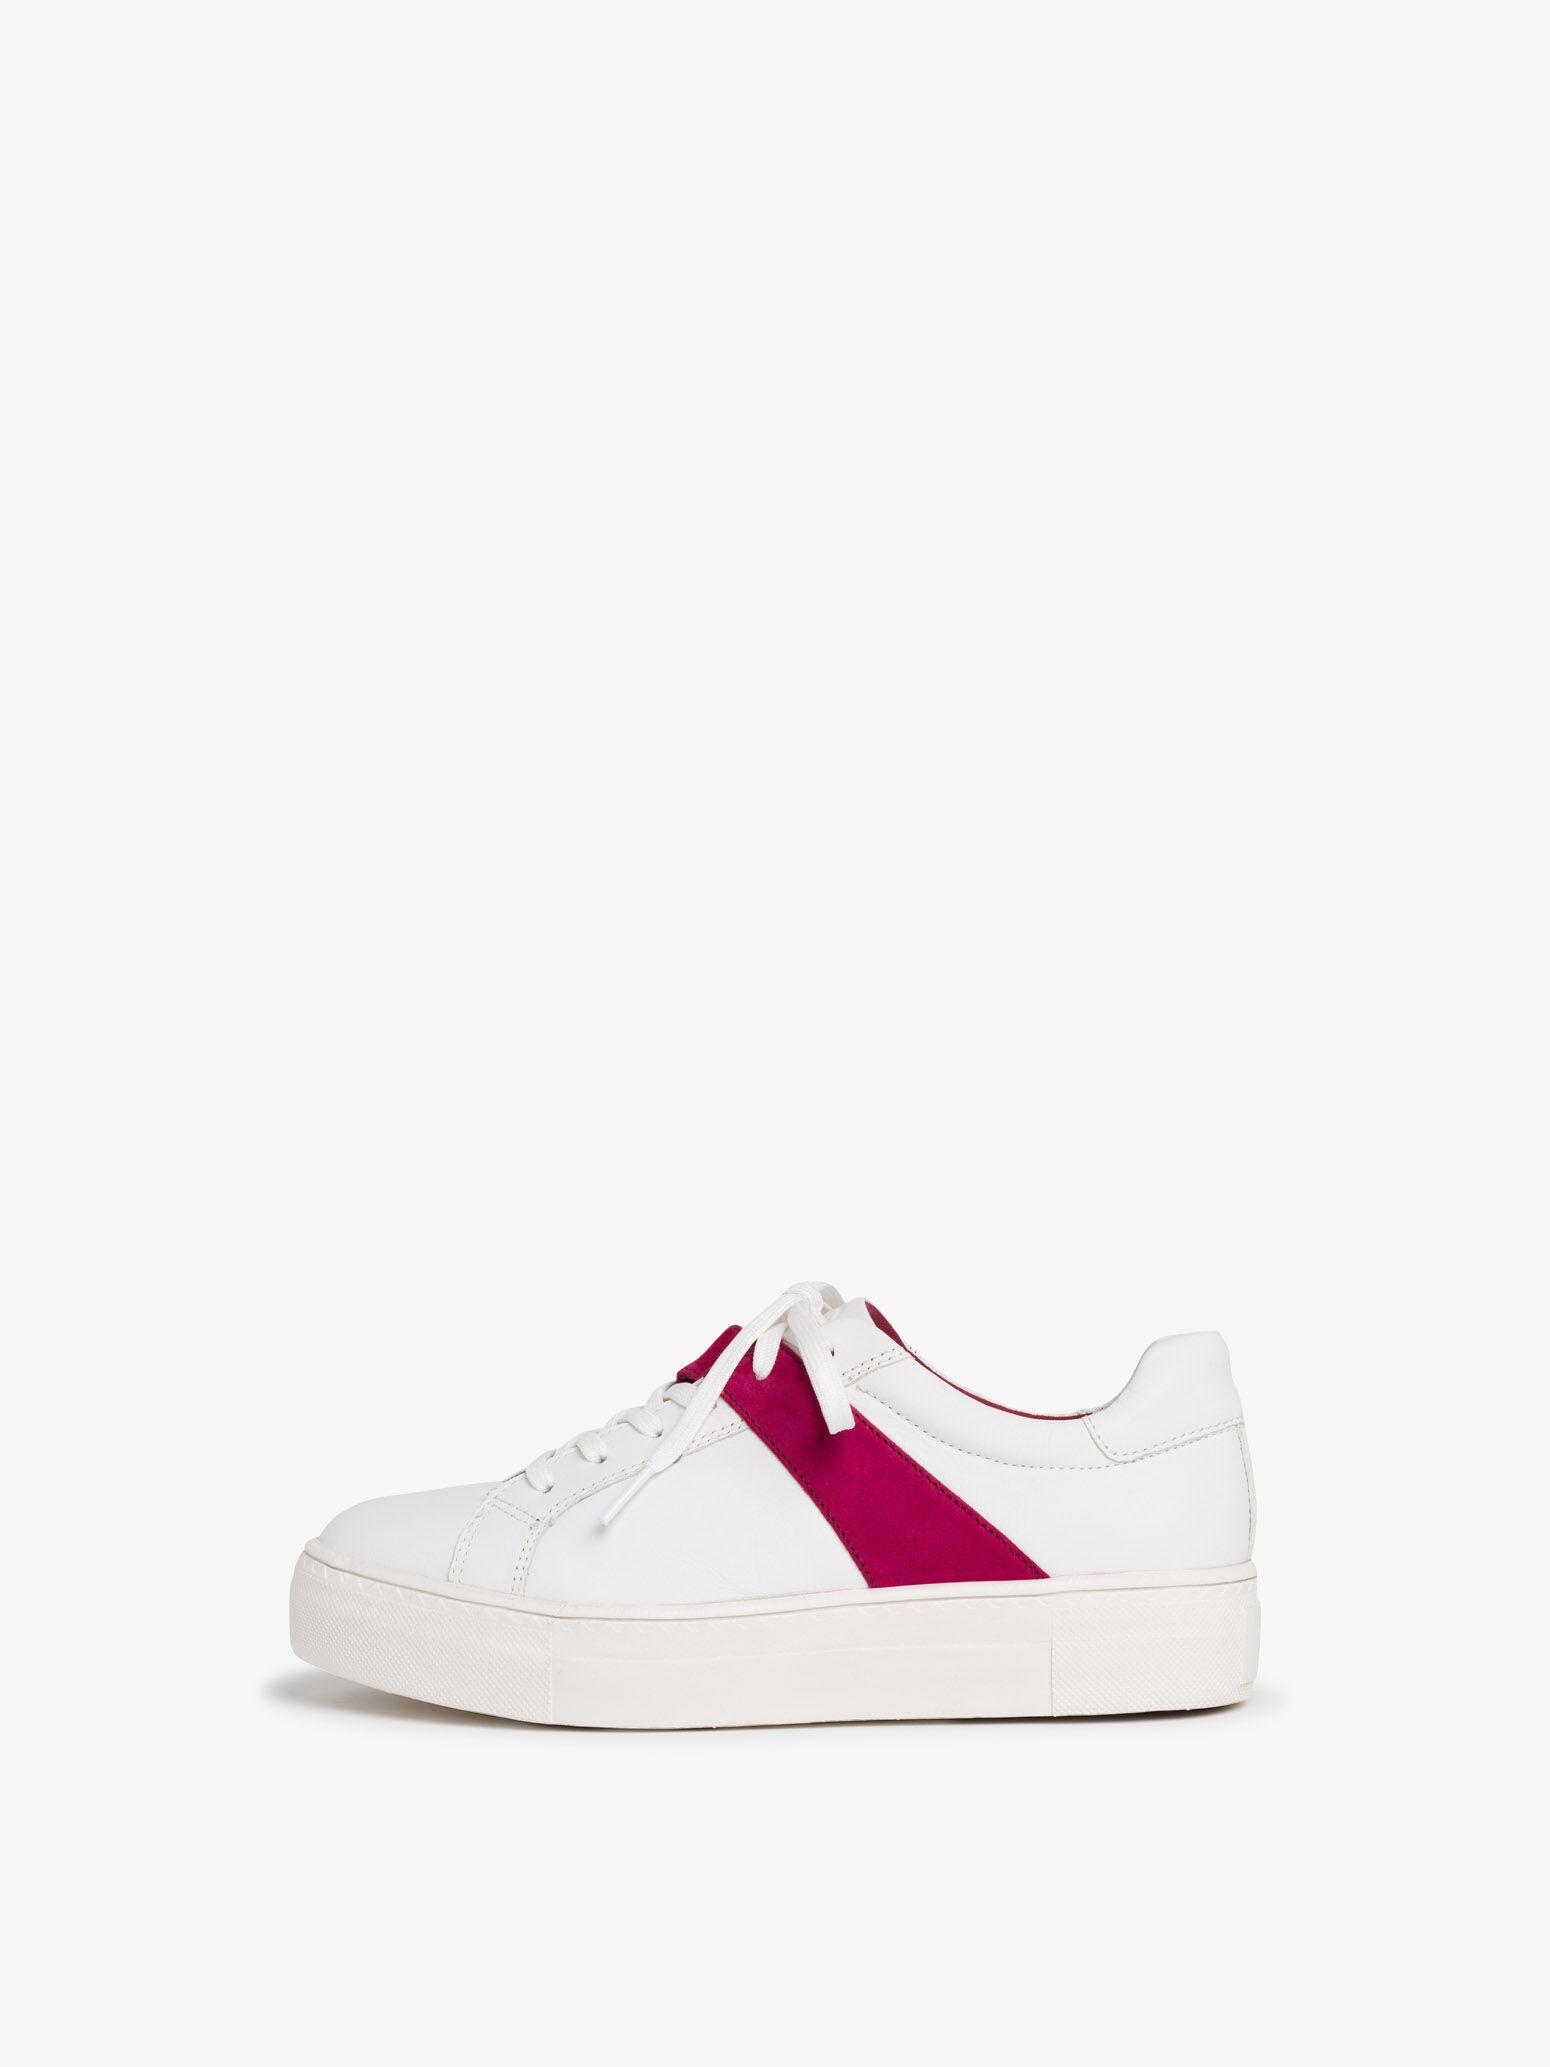 Tamaris Sneaker in Farbe weiß um 50% reduziert online kaufen